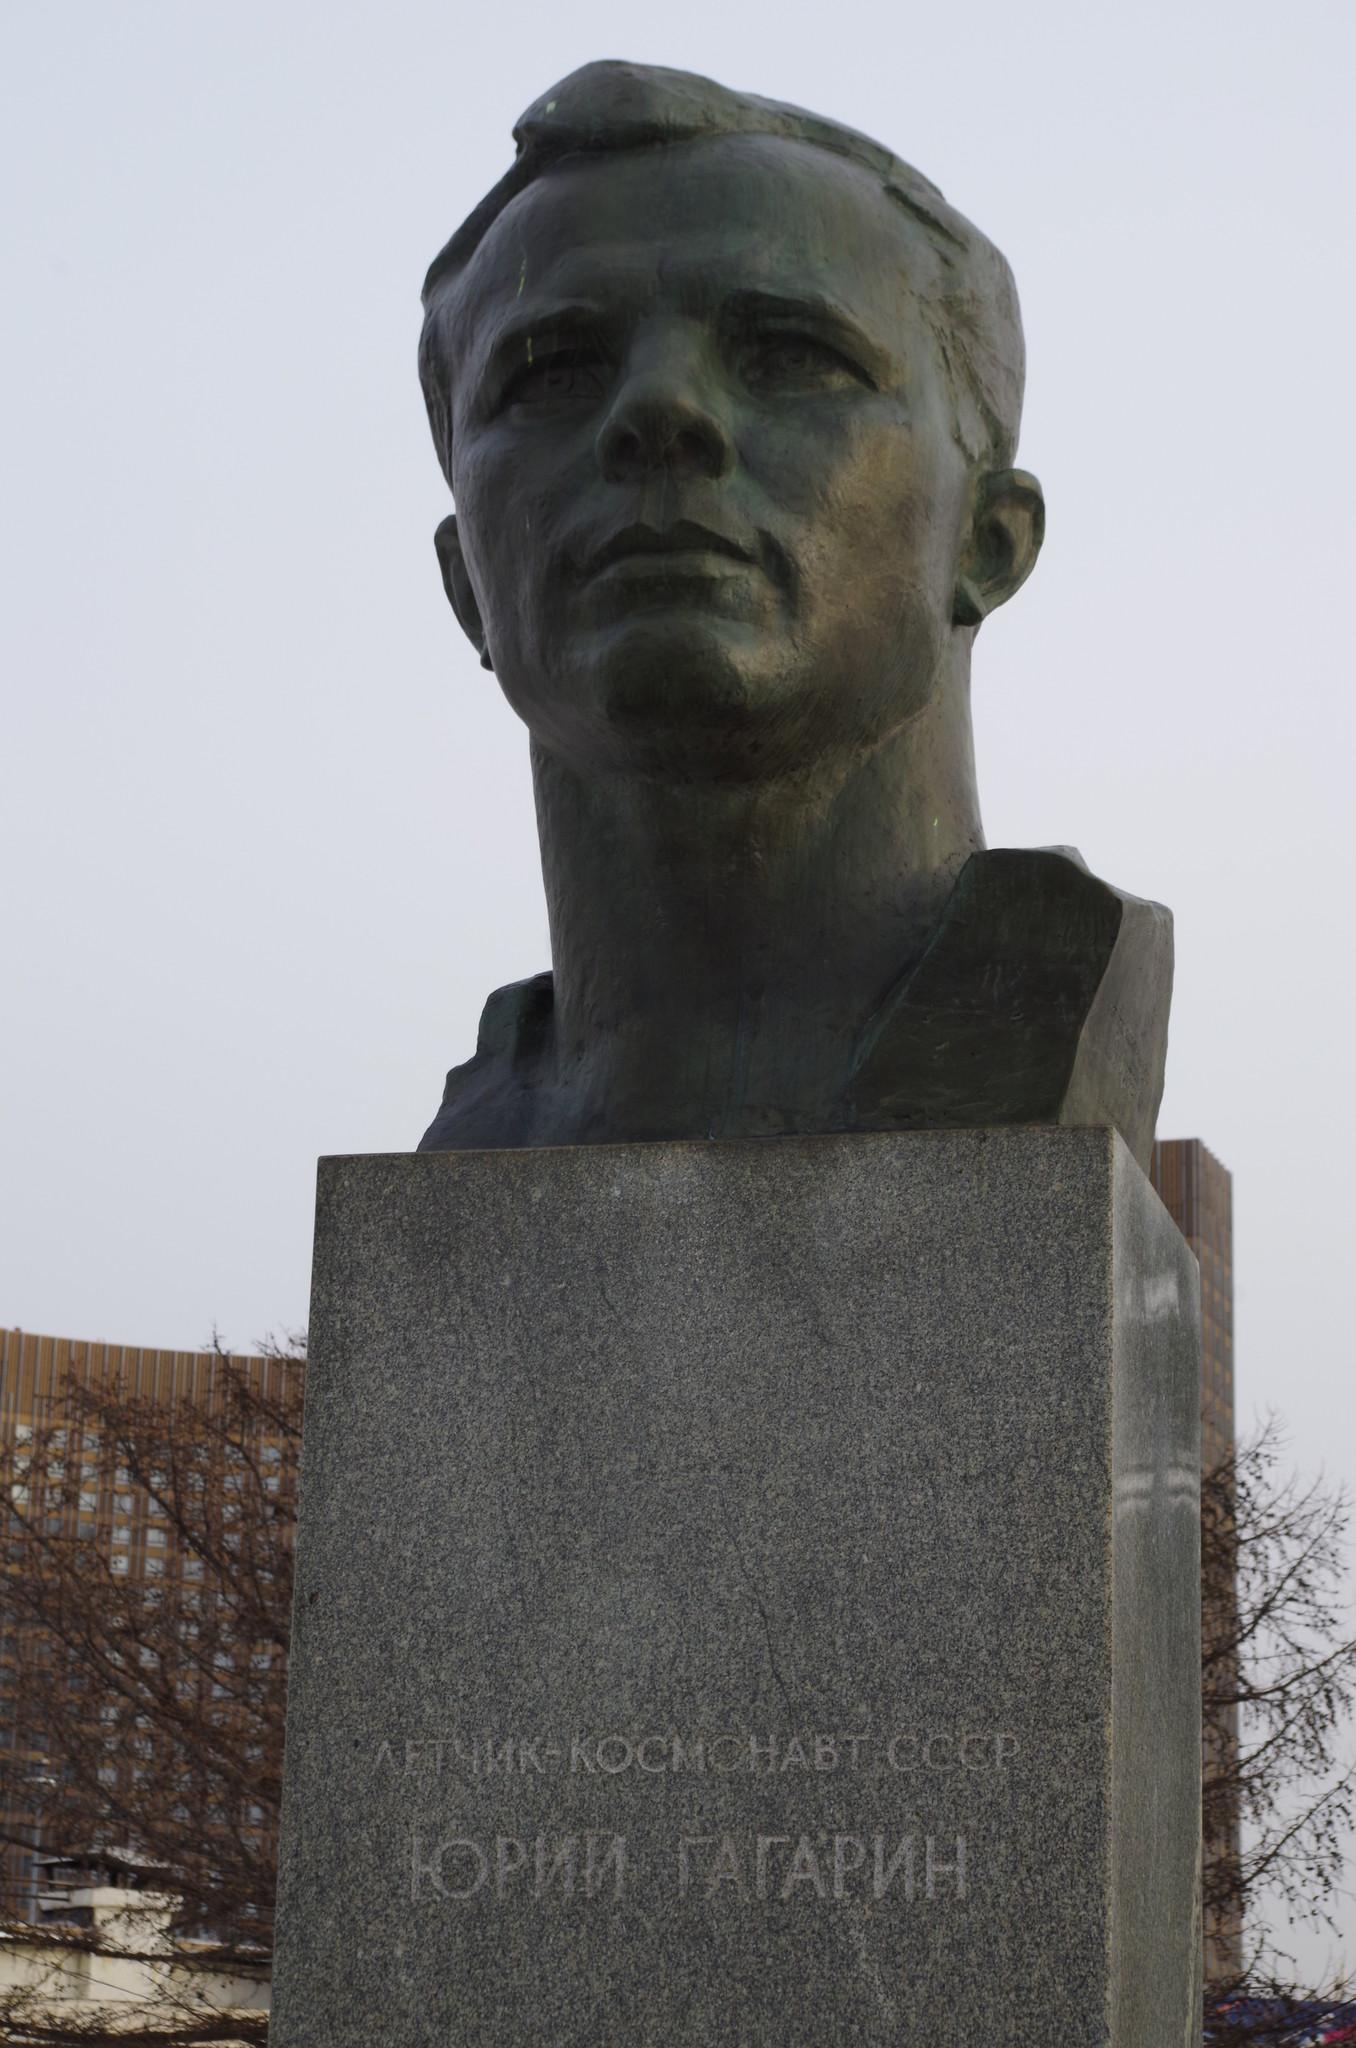 Памятник-бюст Юрию Гагарину на Аллее Космонавтов